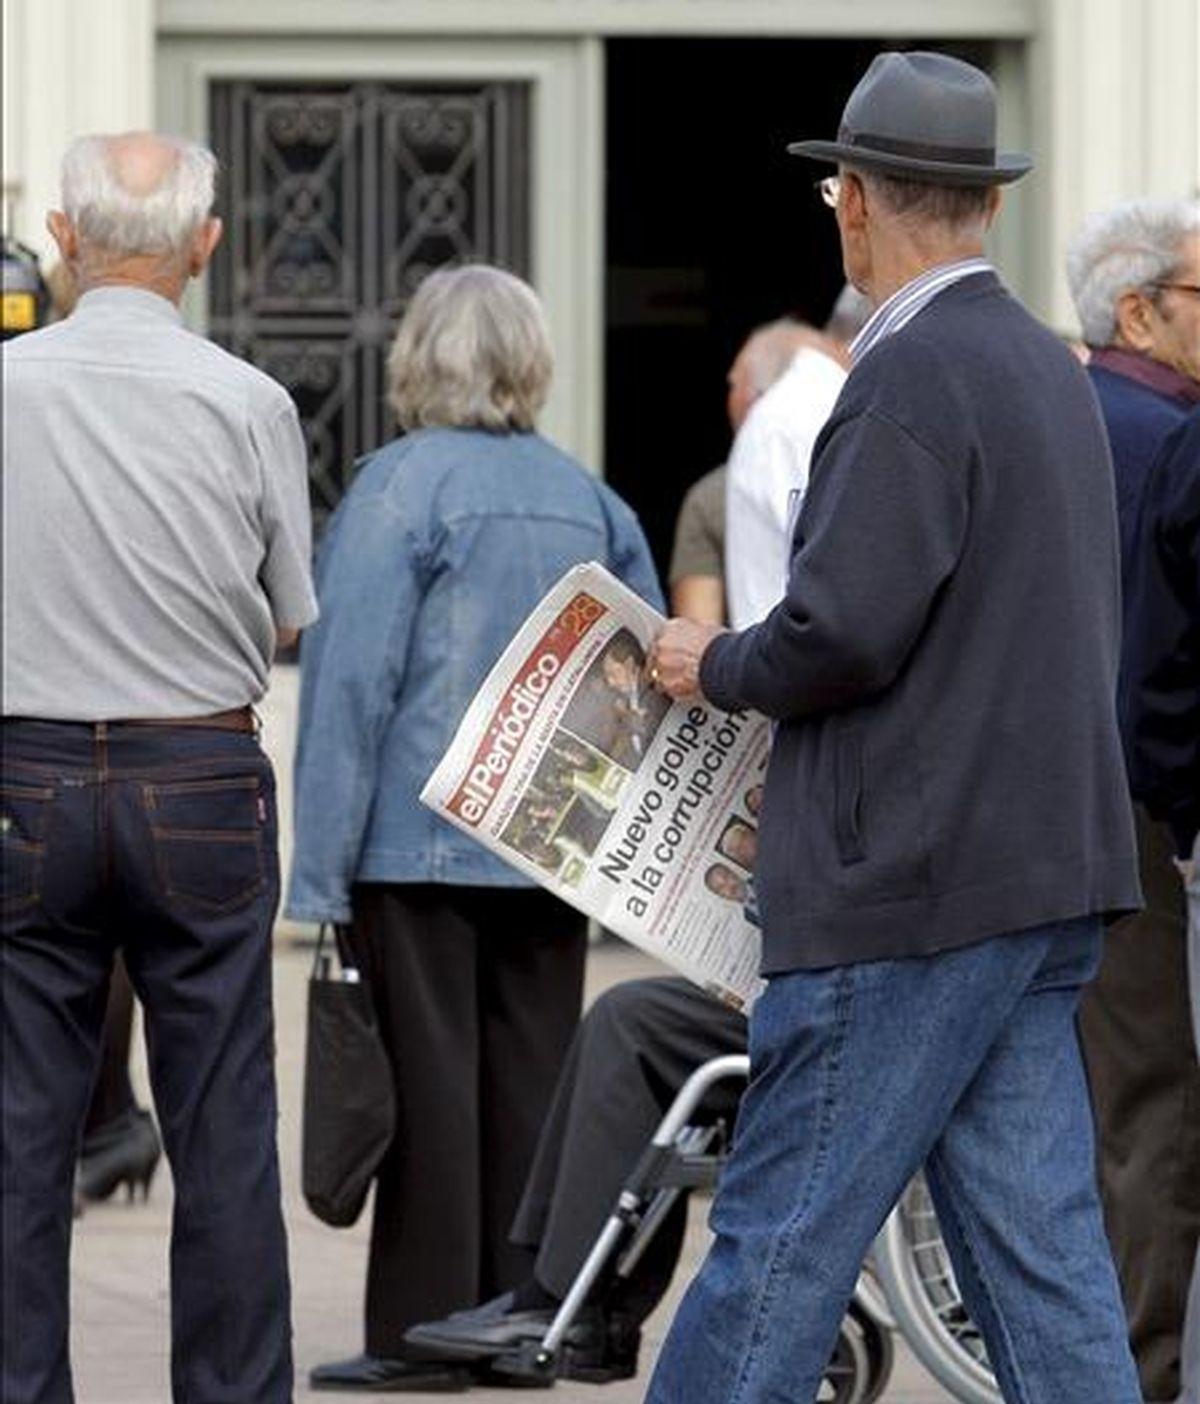 Grupos de ciudadanos frente a la fachada del ayuntamiento de Santa Coloma. EFE/Archivo